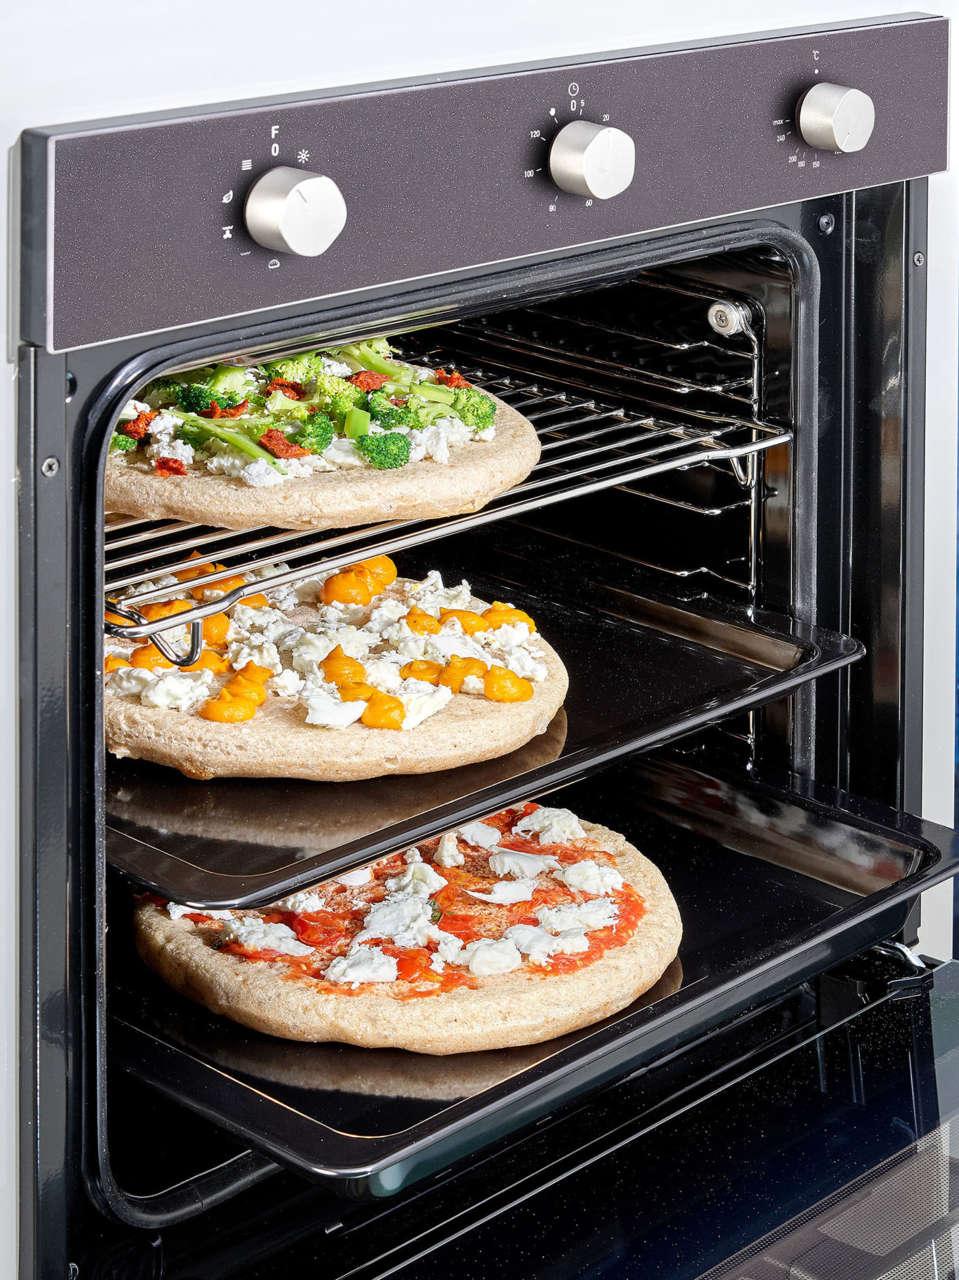 Con i forni Franke, la Pizza Gourmet è servita | Ambiente Cucina